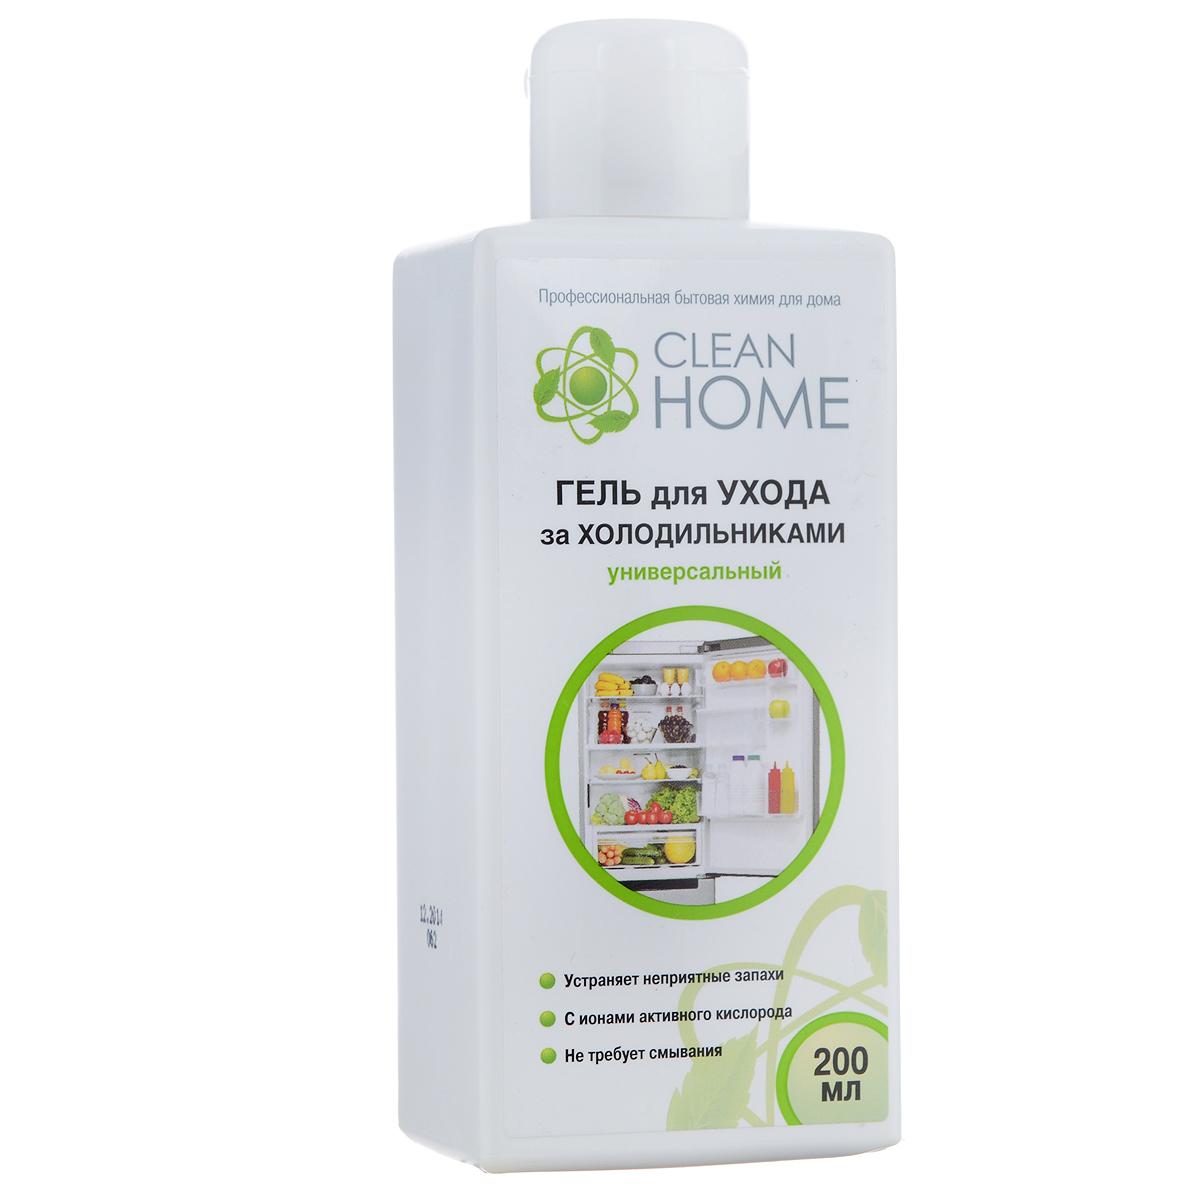 Гель Clean Home, для ухода за холодильниками, 200 мл394Универсальный моющий гель Clean Home предназначен для очистки и мытья холодильников и различных бытовых пластиковых поверхностей. Обладает дезинфицирующими свойствами и не повреждает пластик. Уменьшает желтизну на поверхности пластика. Не требует смывания! Линия профессиональной бытовой химии для дома Clean Home представлена гаммой средств для стирки и уборки дома. Clean Home - это весь необходимый ряд высокоэффективных универсальных средств европейского качества. Состав: вода, менее 5% АПАВ, менее 5% НПАВ, глицерин, перекись водорода, антистатик, отдушка, комплексообразователь, функциональные добавки.